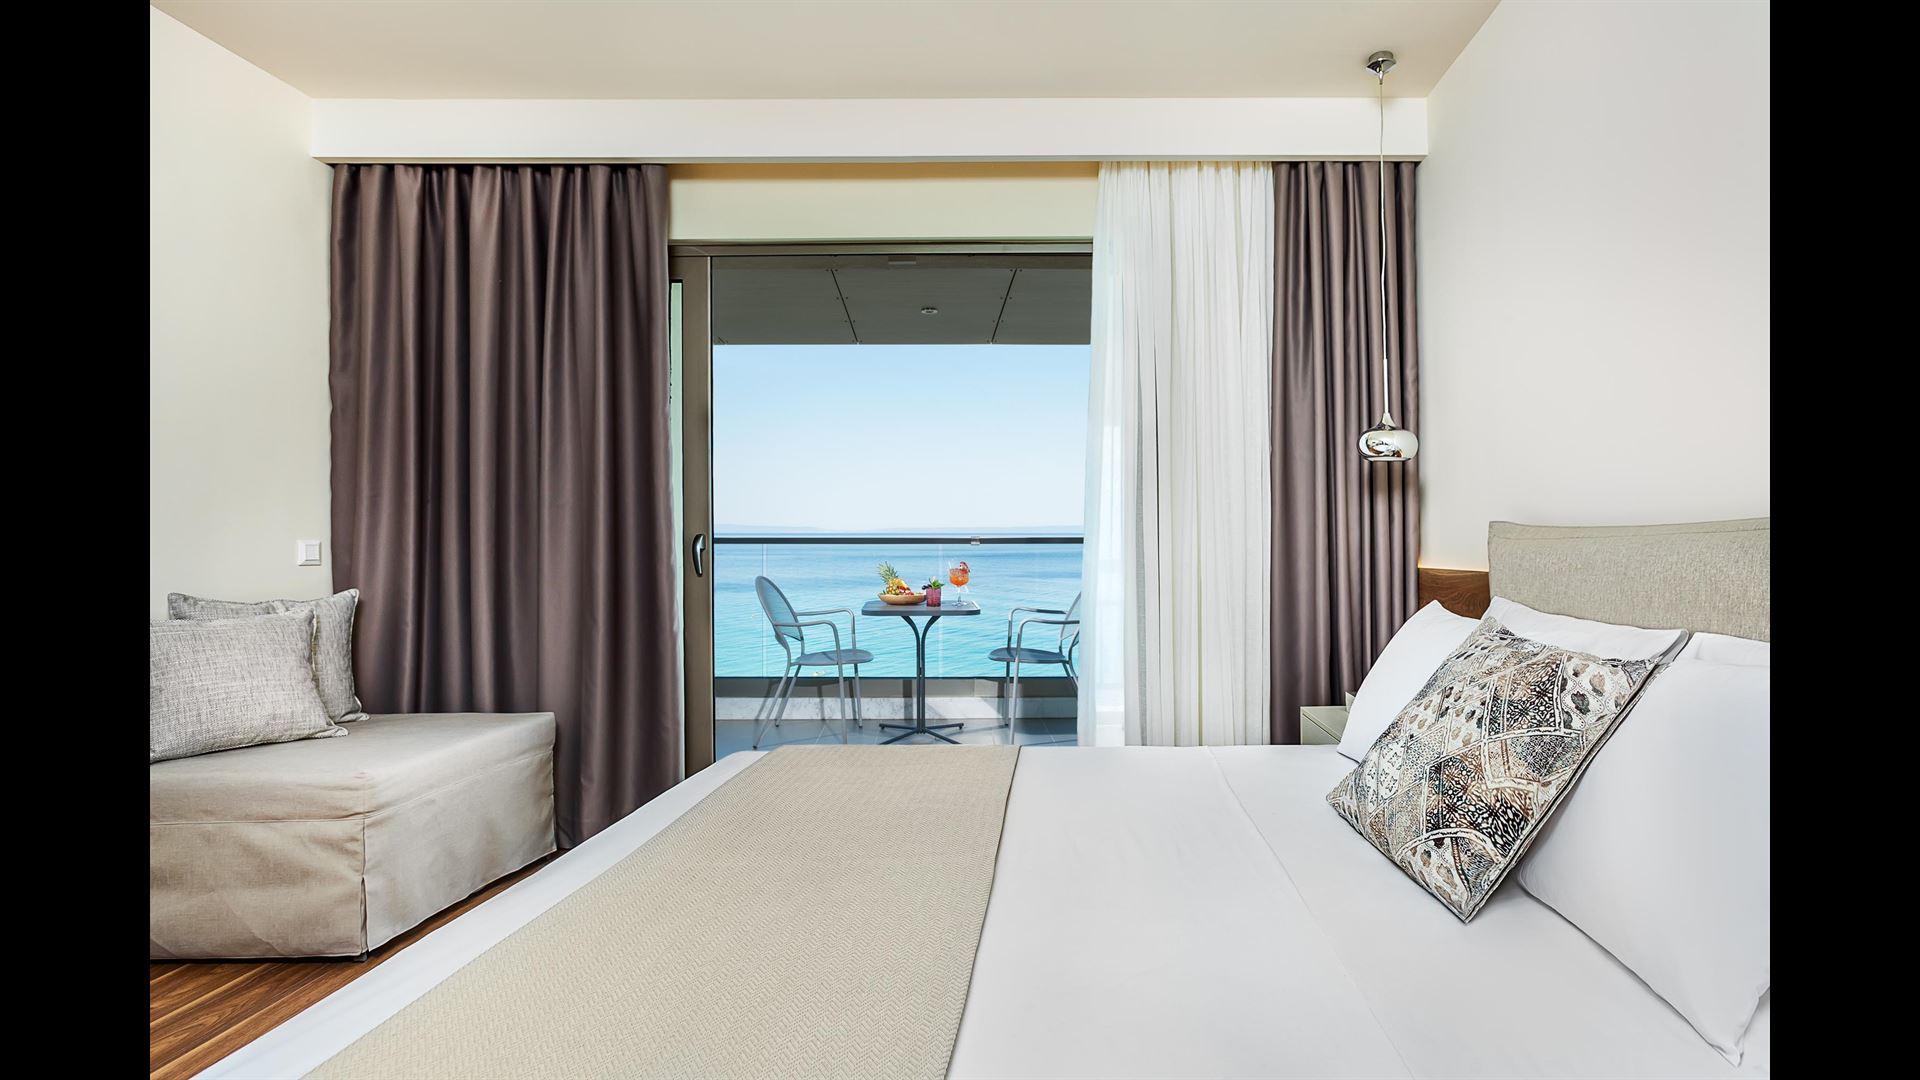 Ammon Zeus Hotel: Suite Deluxe 2-Bedroom Premium